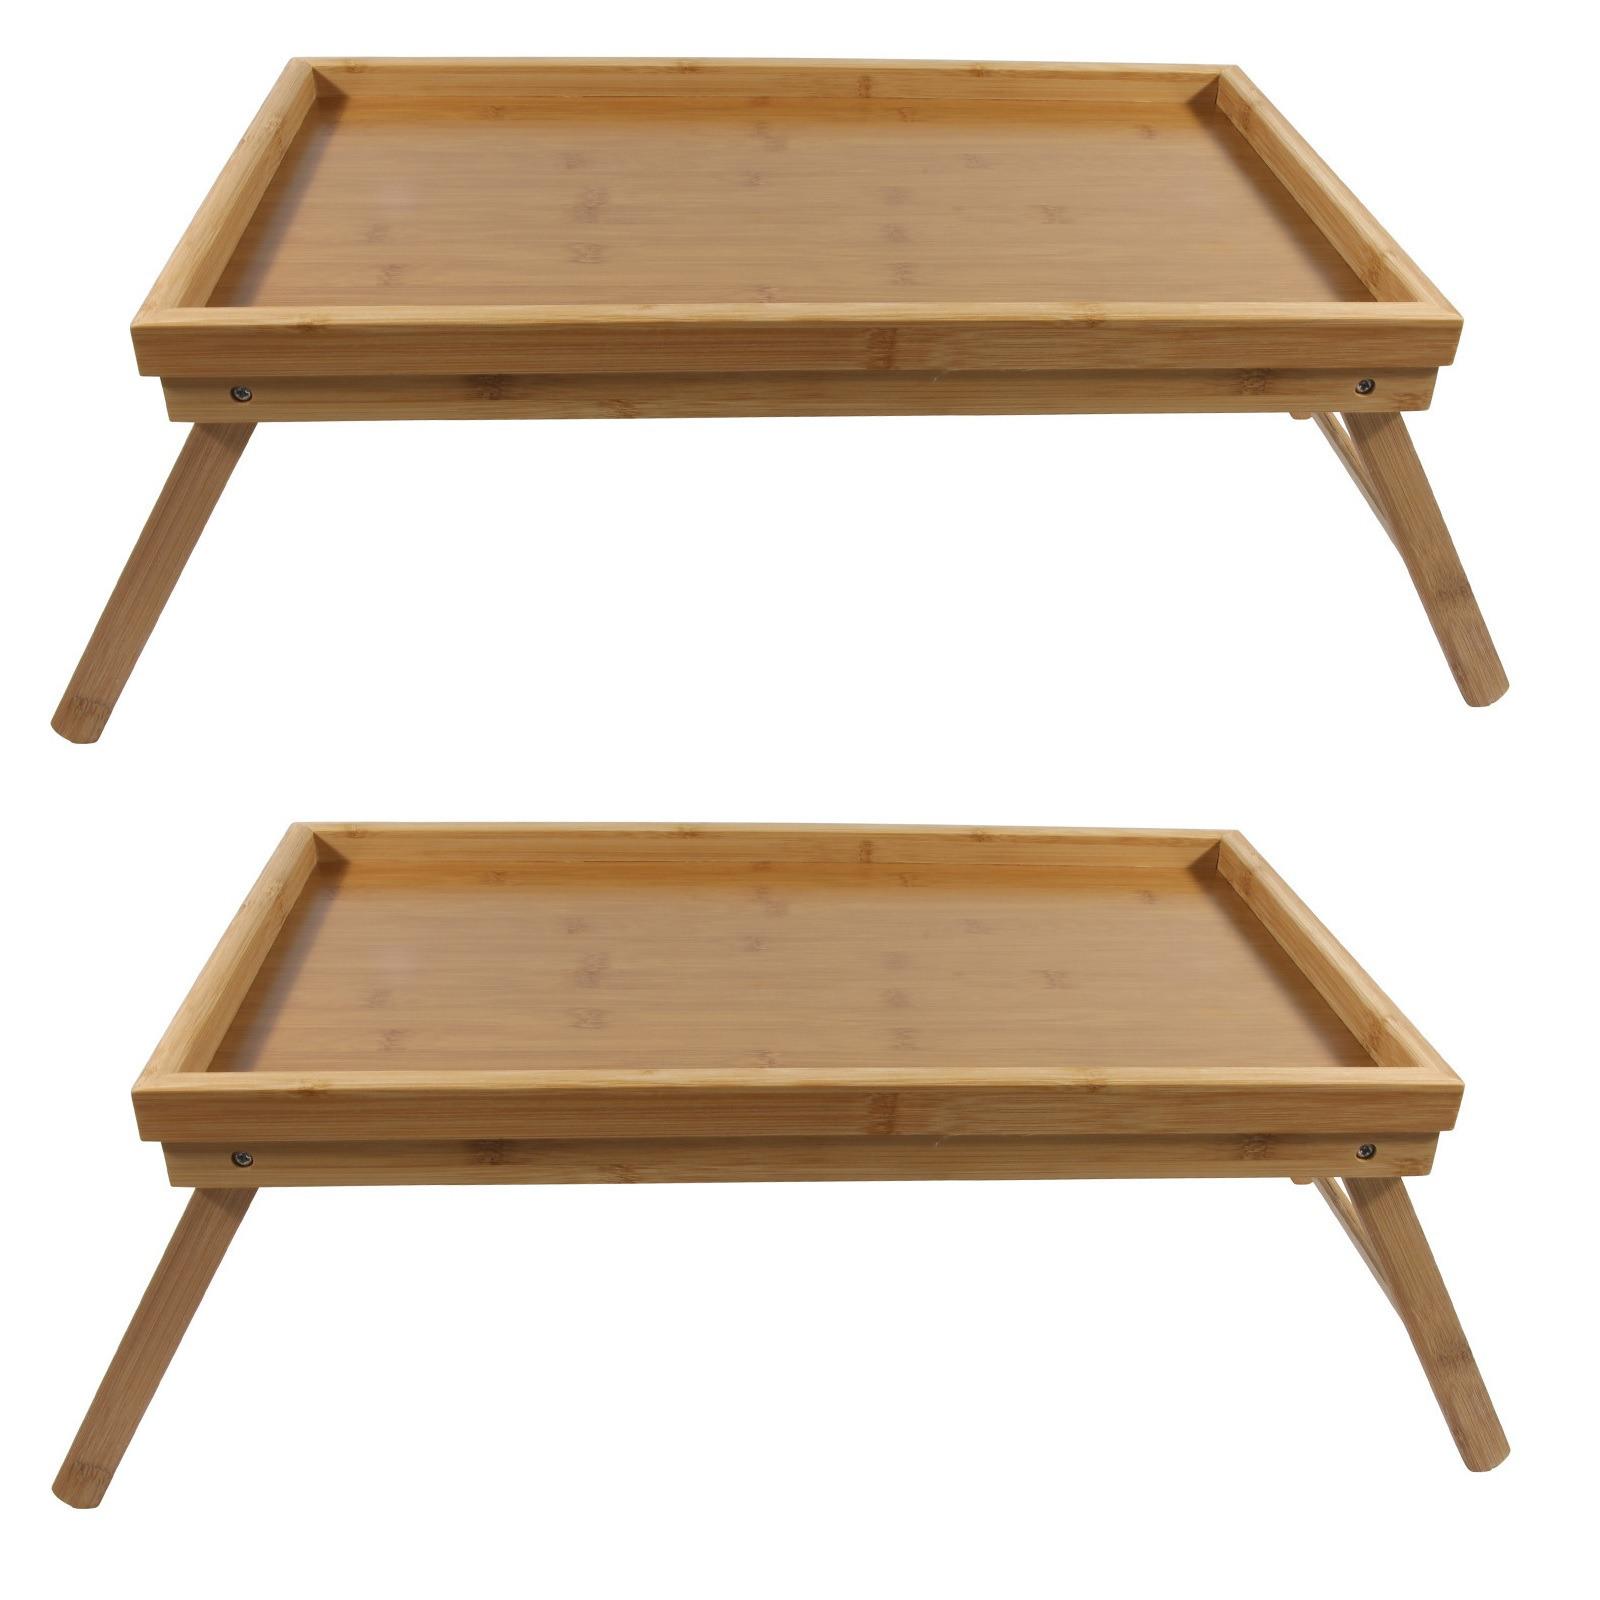 2x bamboe ontbijt/bedtafelen/tafeltjes 50 x 30 cm